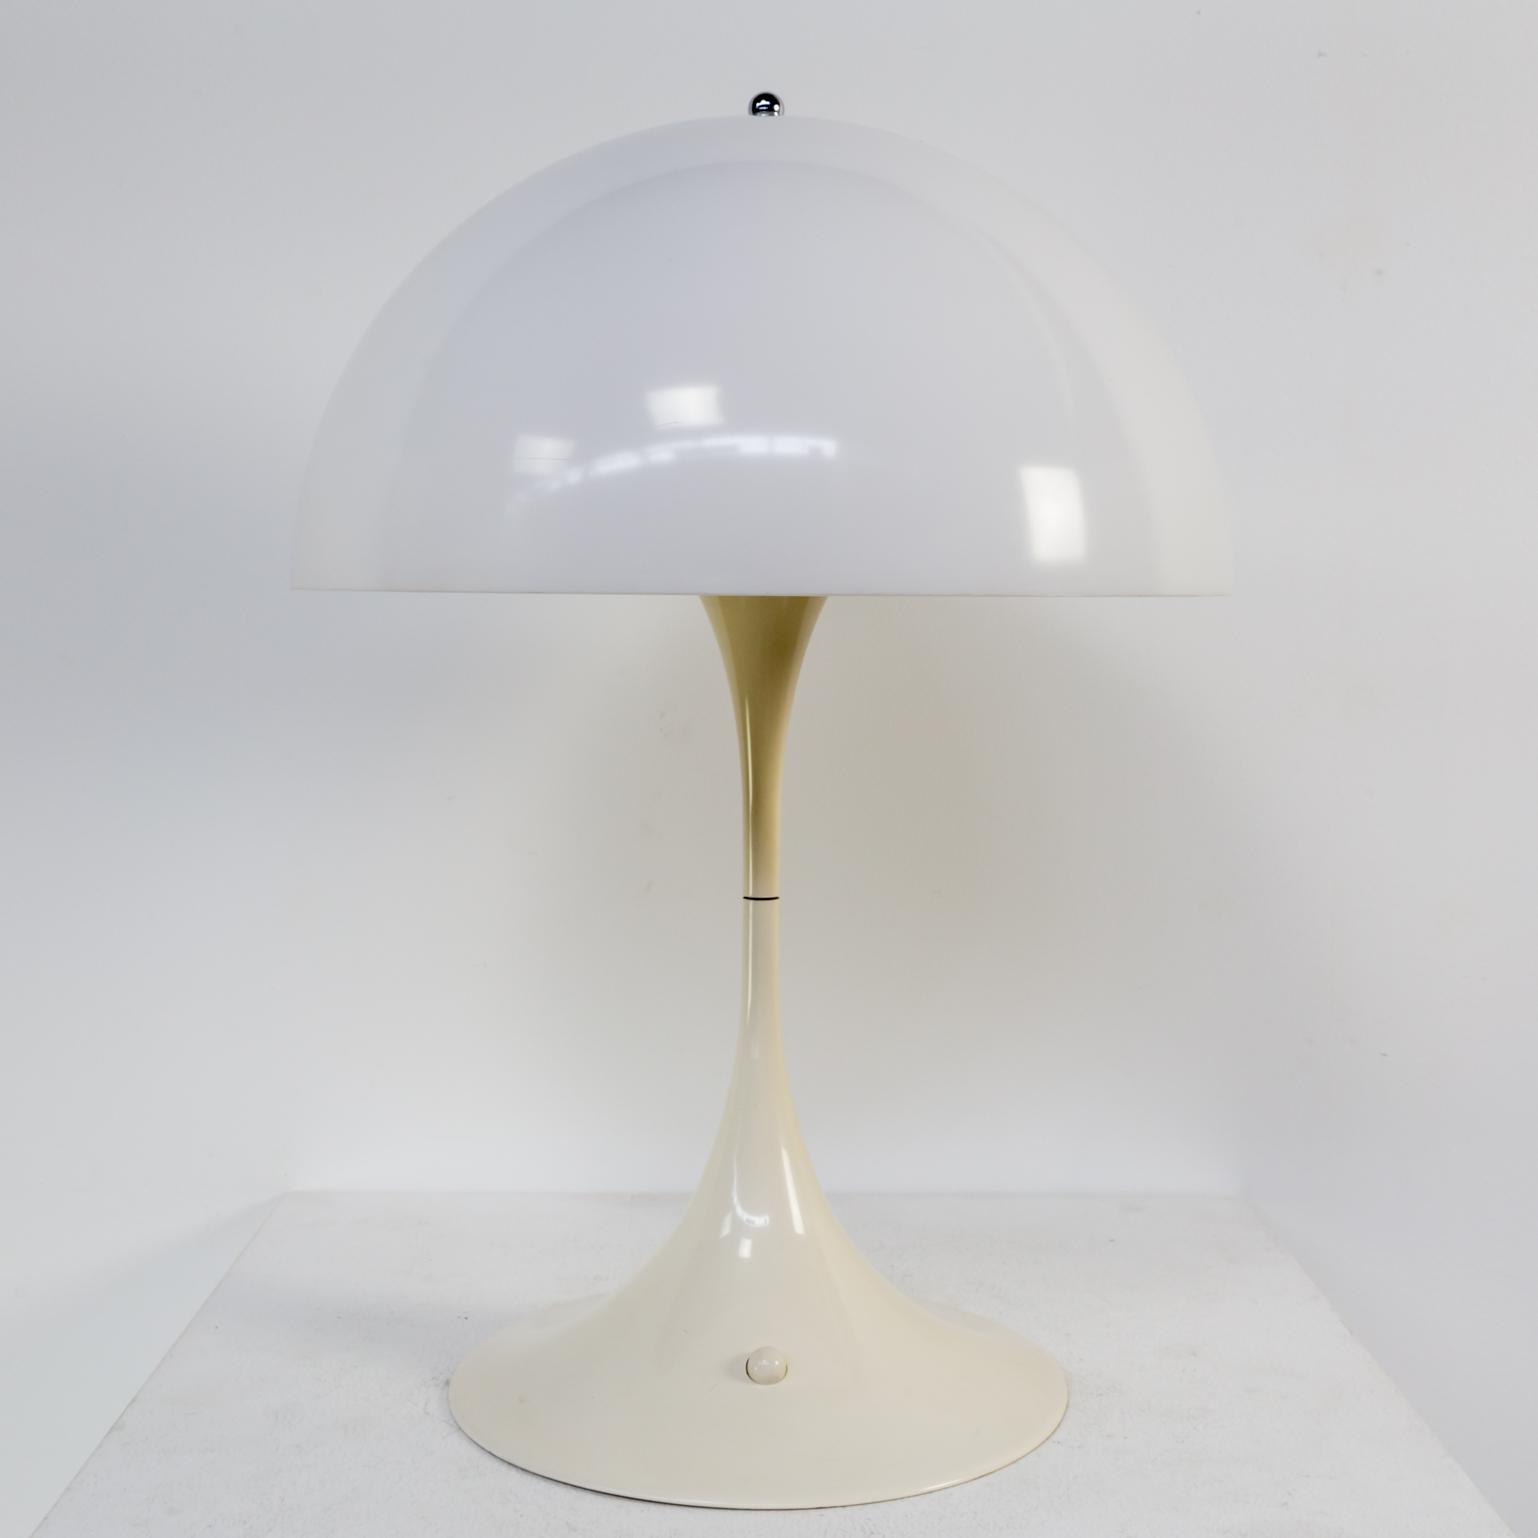 60s verner panton panthella table lamp louis poulsen barbmama 1128067vt louis poulsen panthella verner panton tafellamp vintage retro aloadofball Choice Image